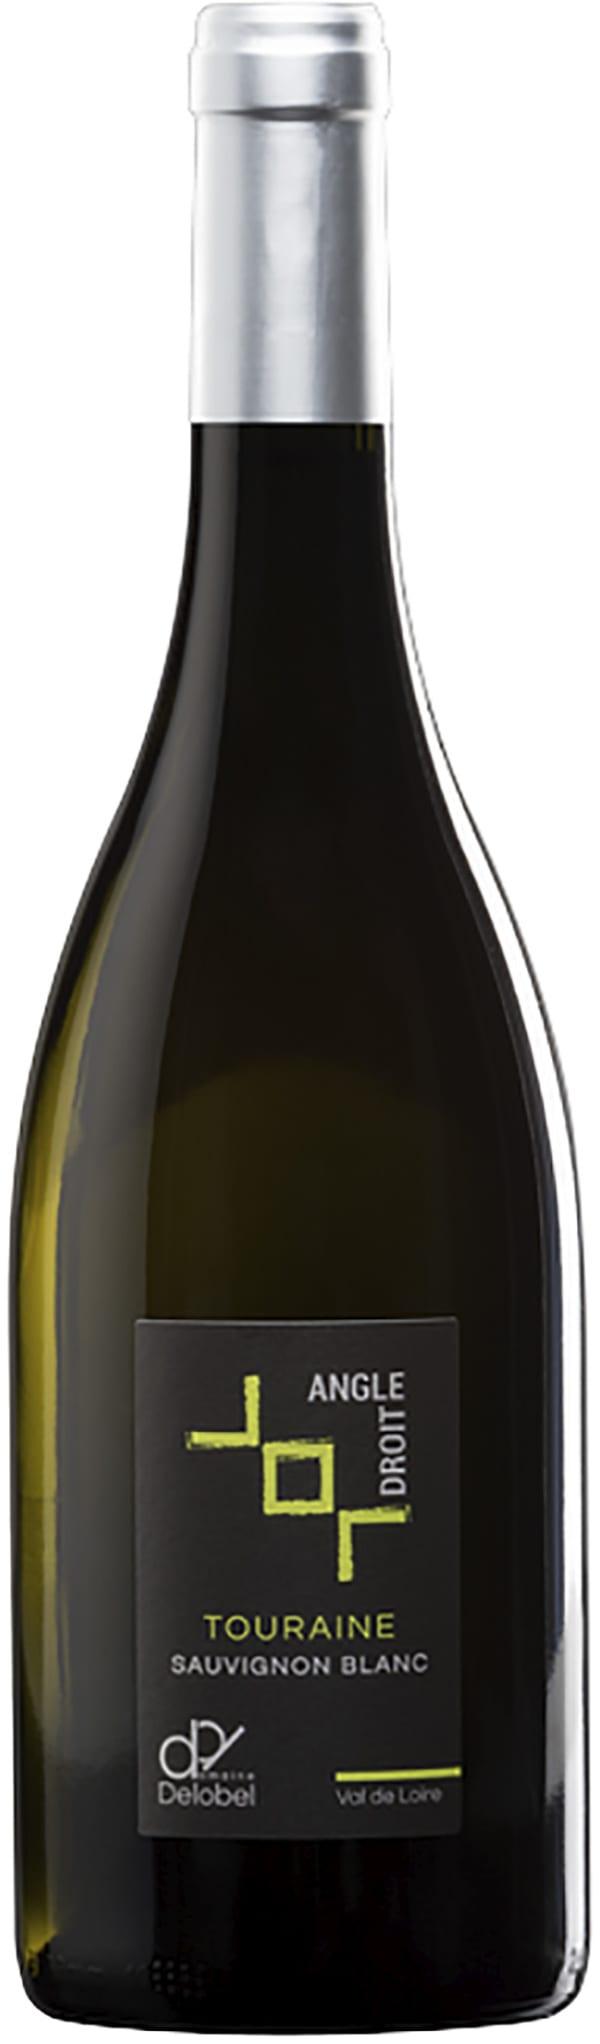 Delobel Angle Droit Sauvignon Blanc 2019